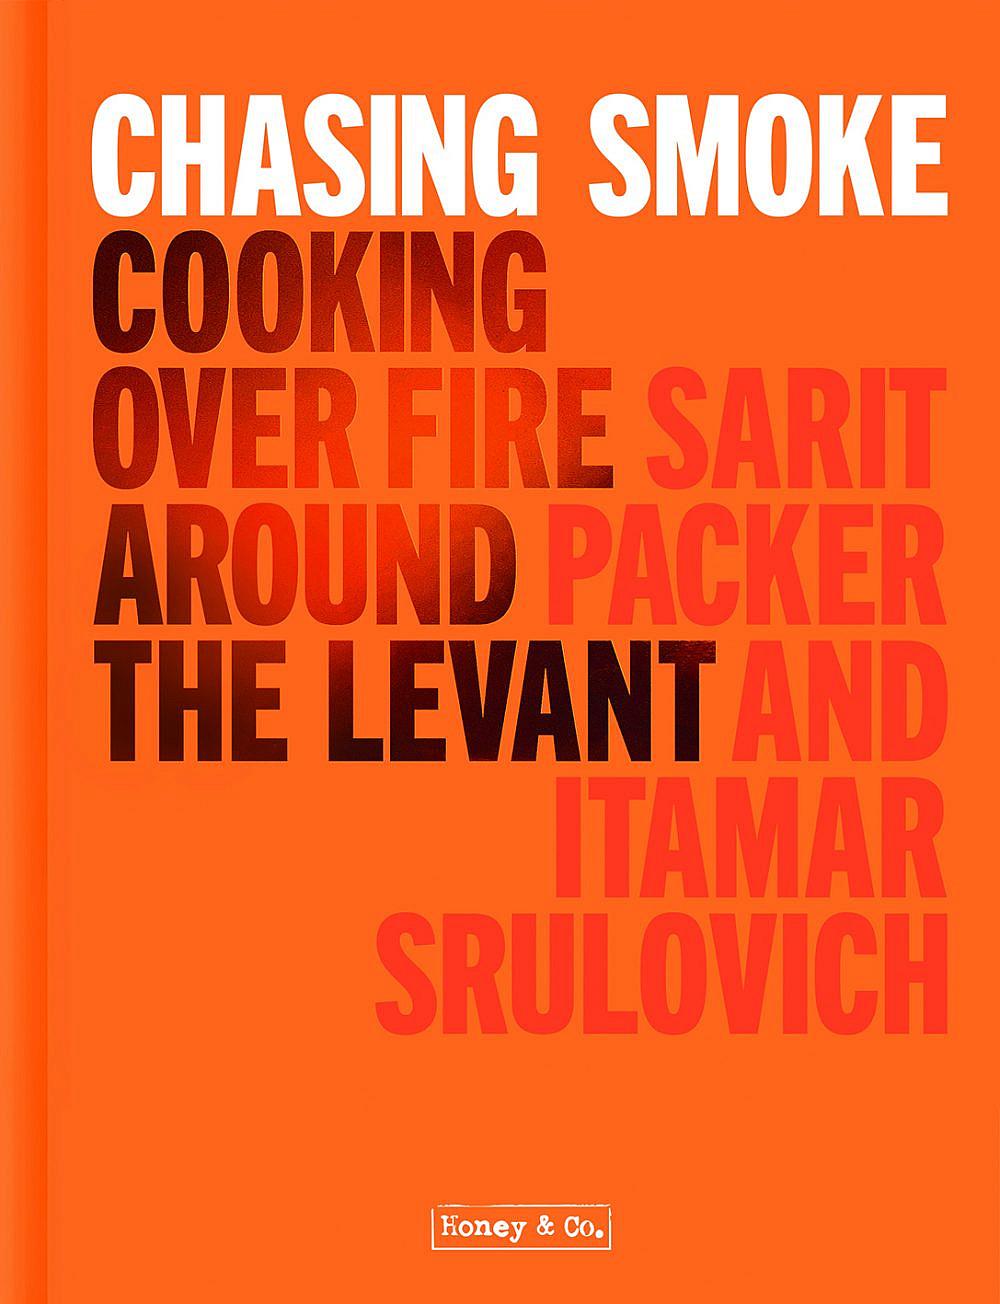 מנות מהמסע ועודעטיפת הספר Chasing Smoke של שרית פקר ואיתמר סרולוביץ